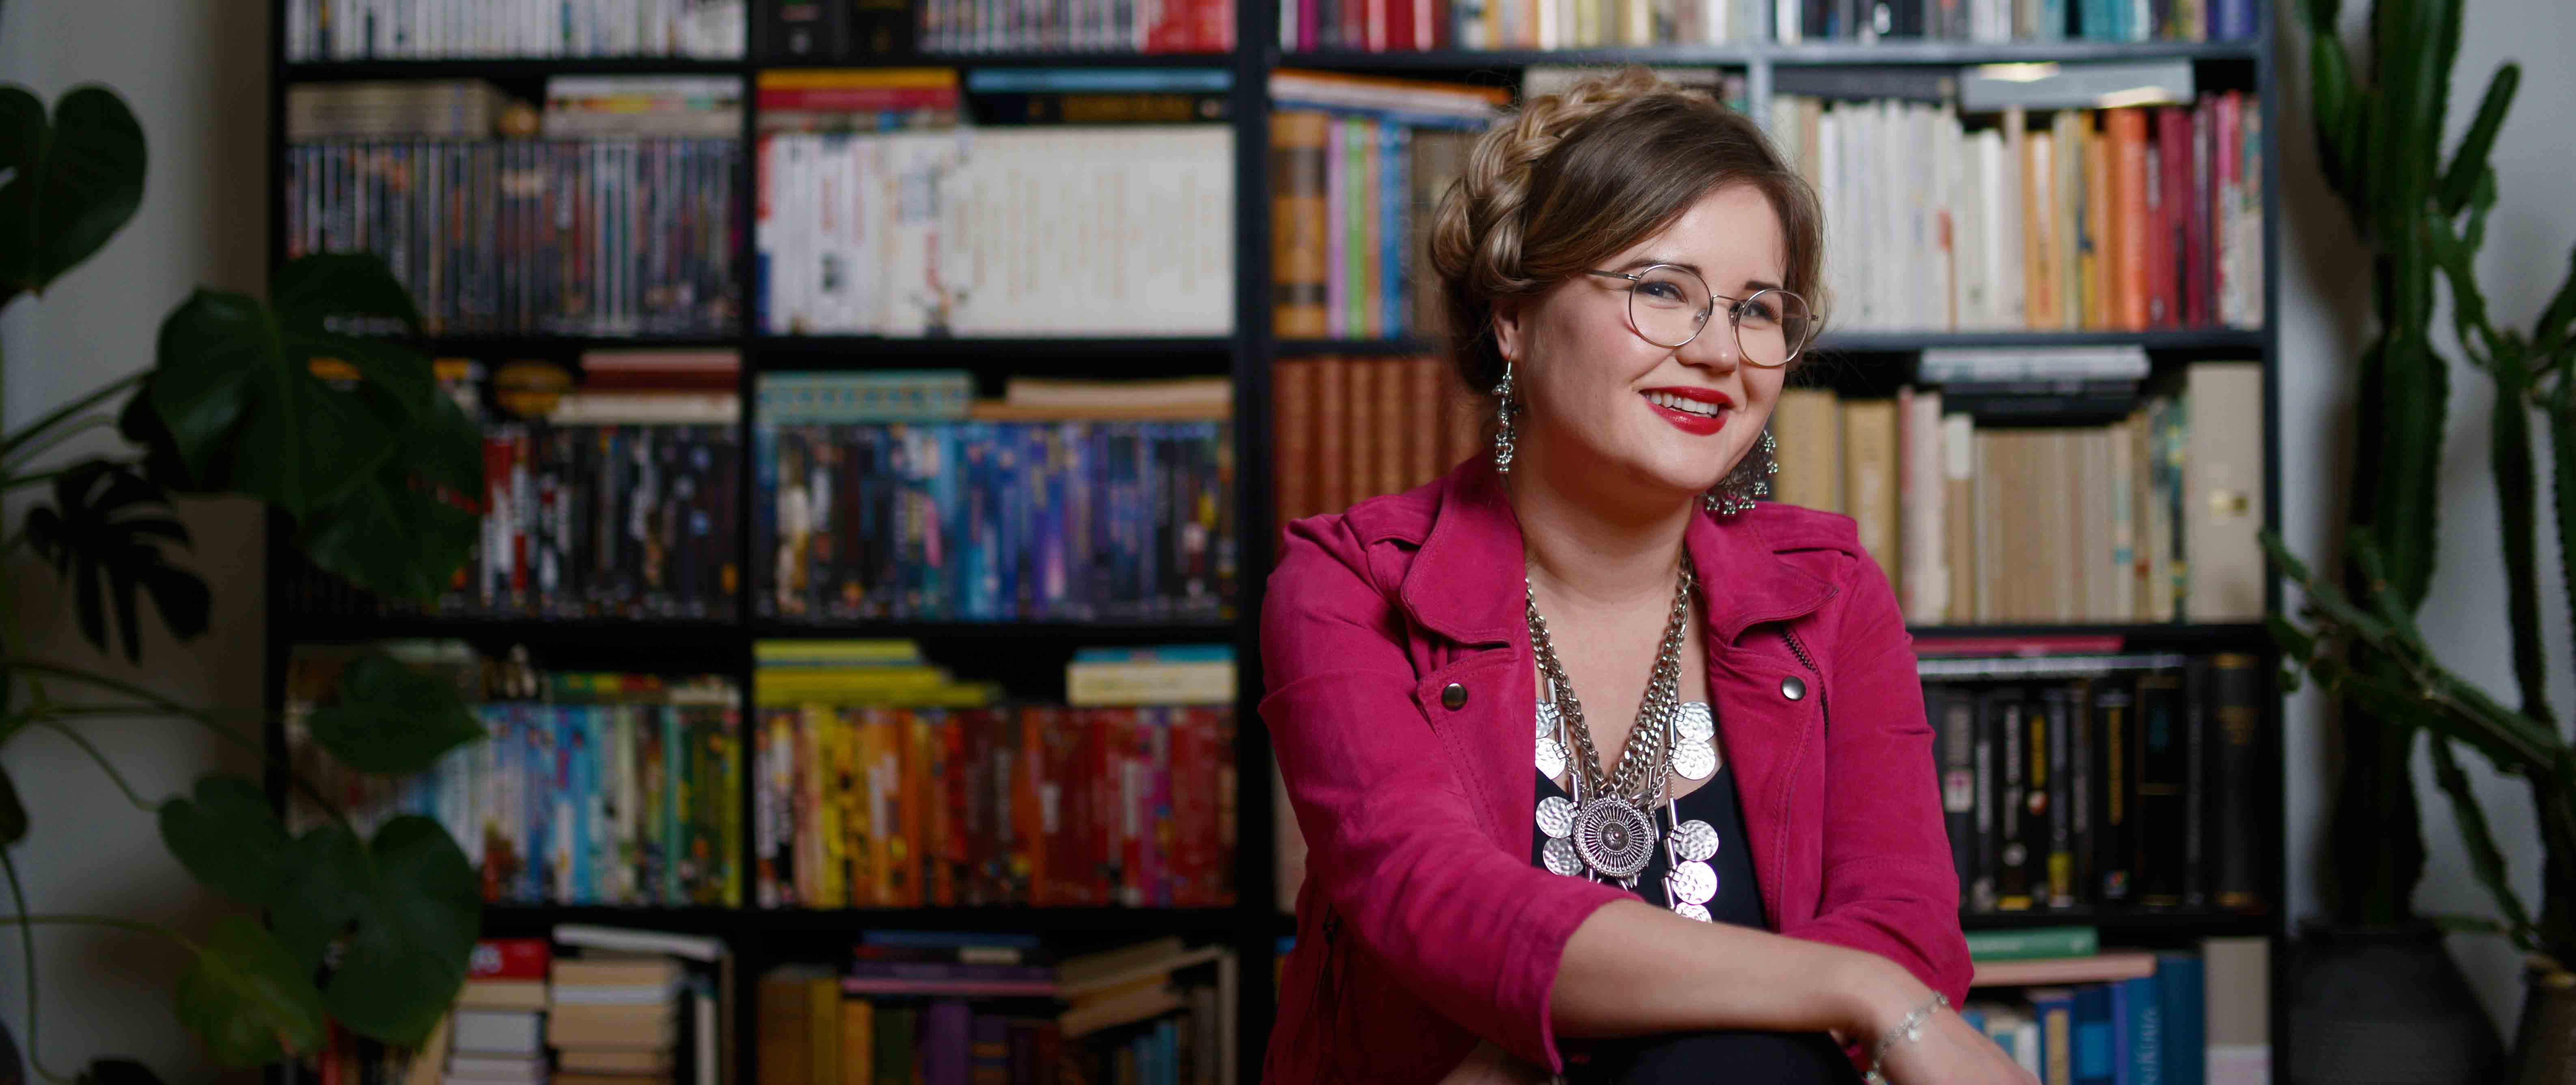 Jenni Hurmerinta kirjahyllynsä edessä